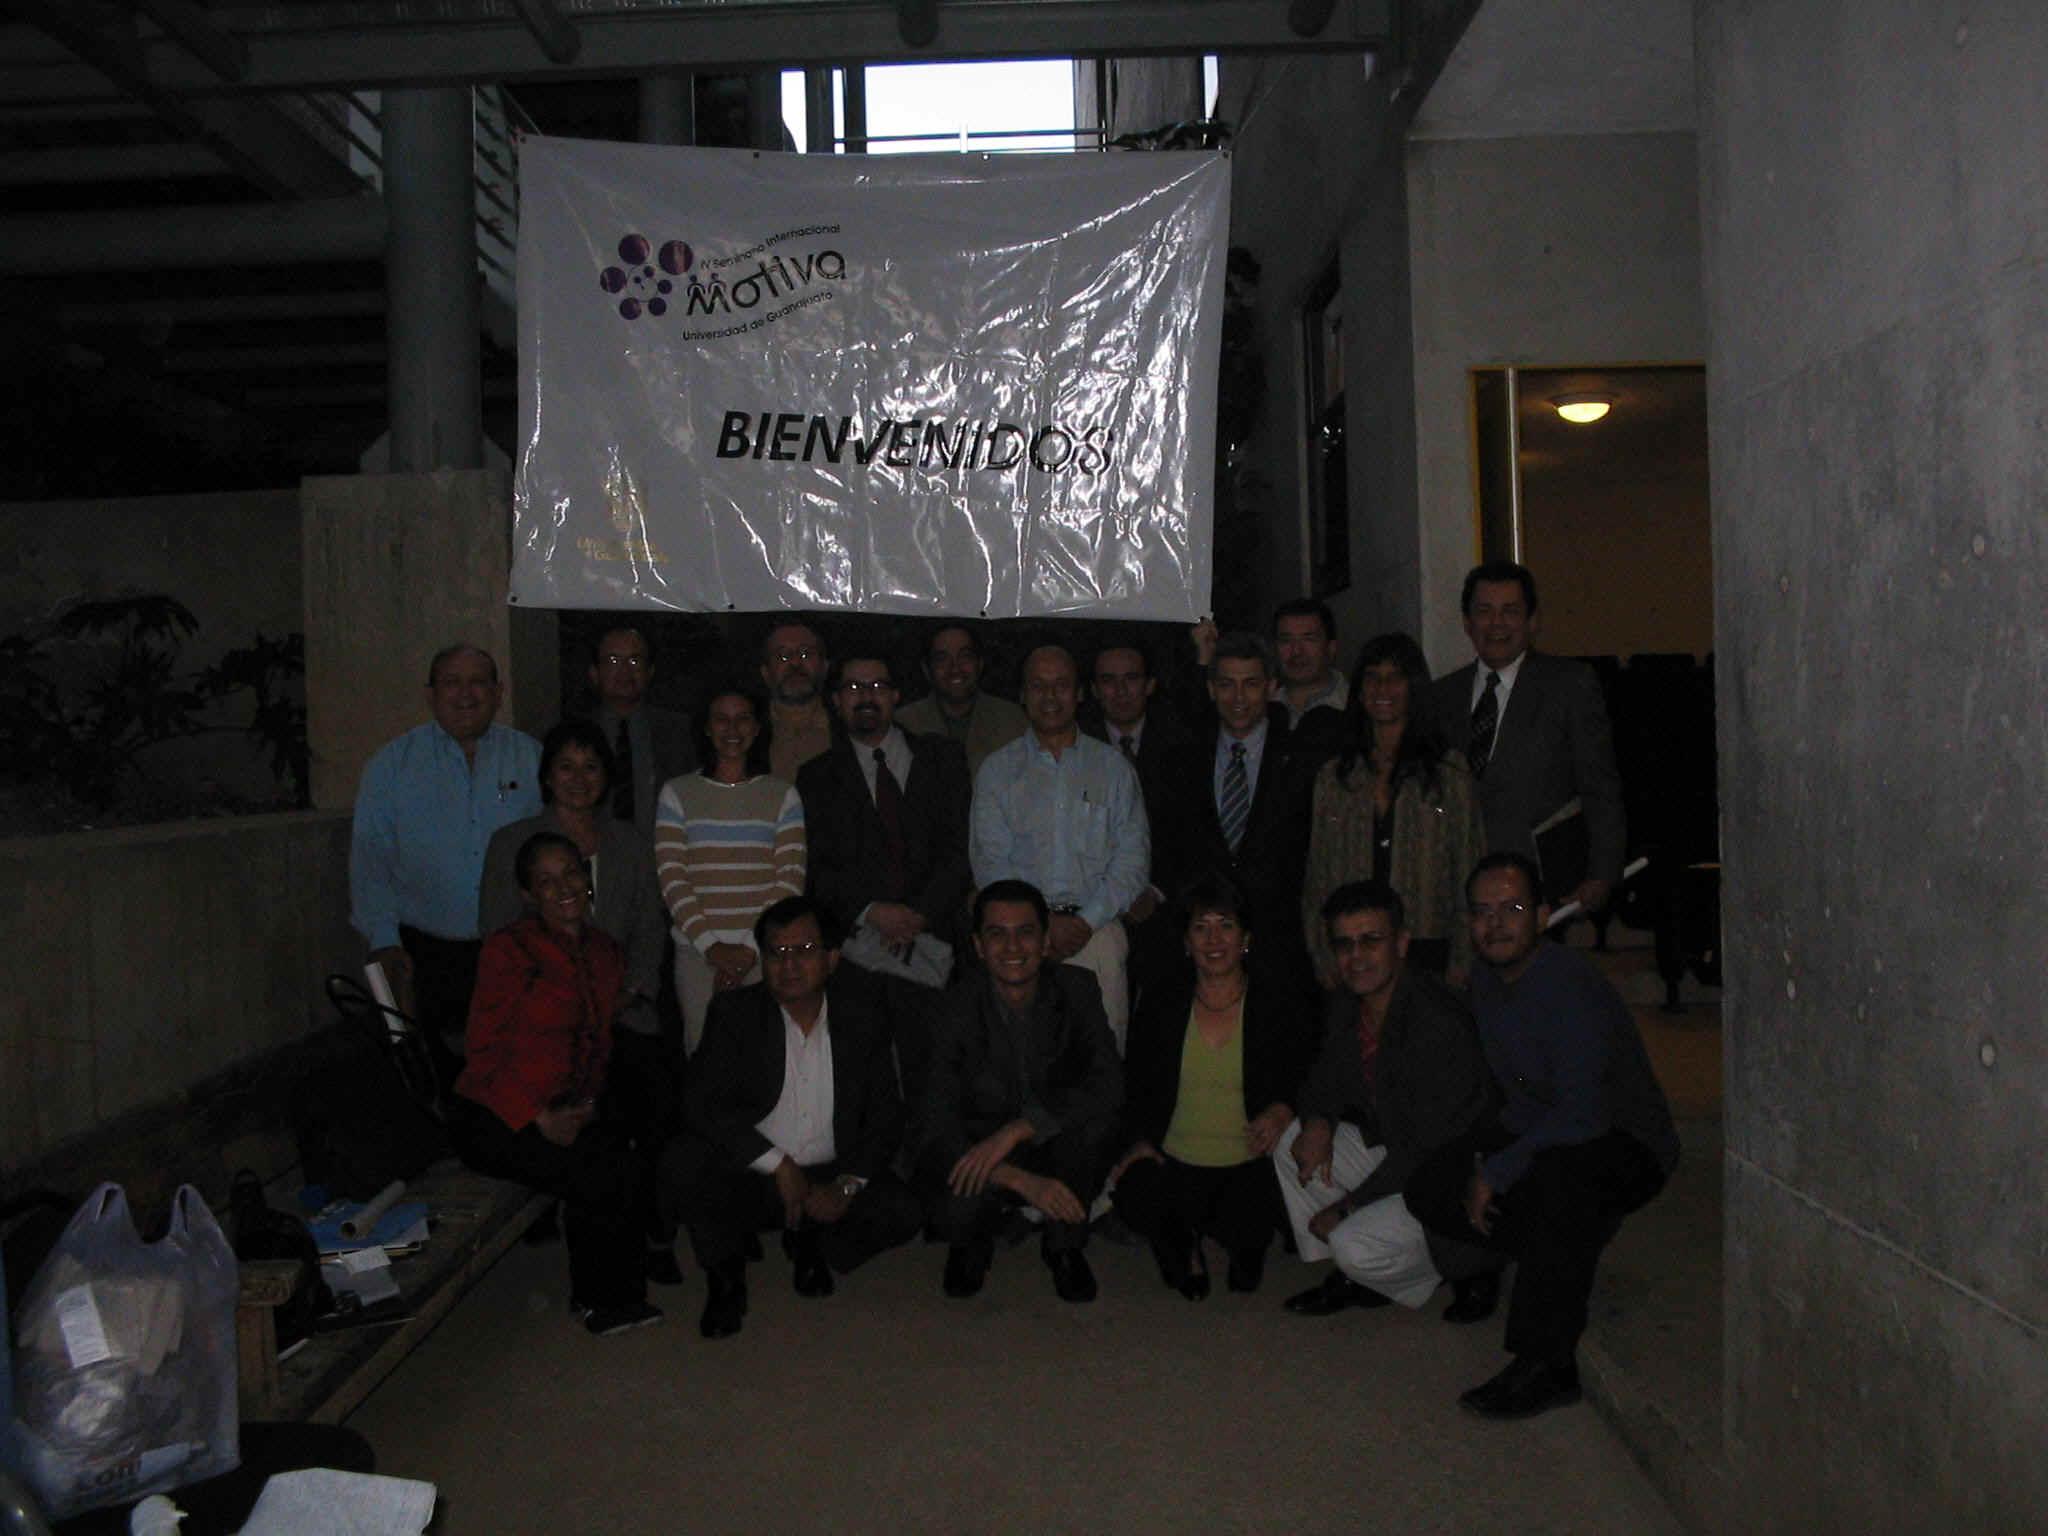 IV Encuentro Motiva. Guanajuato, México 2003